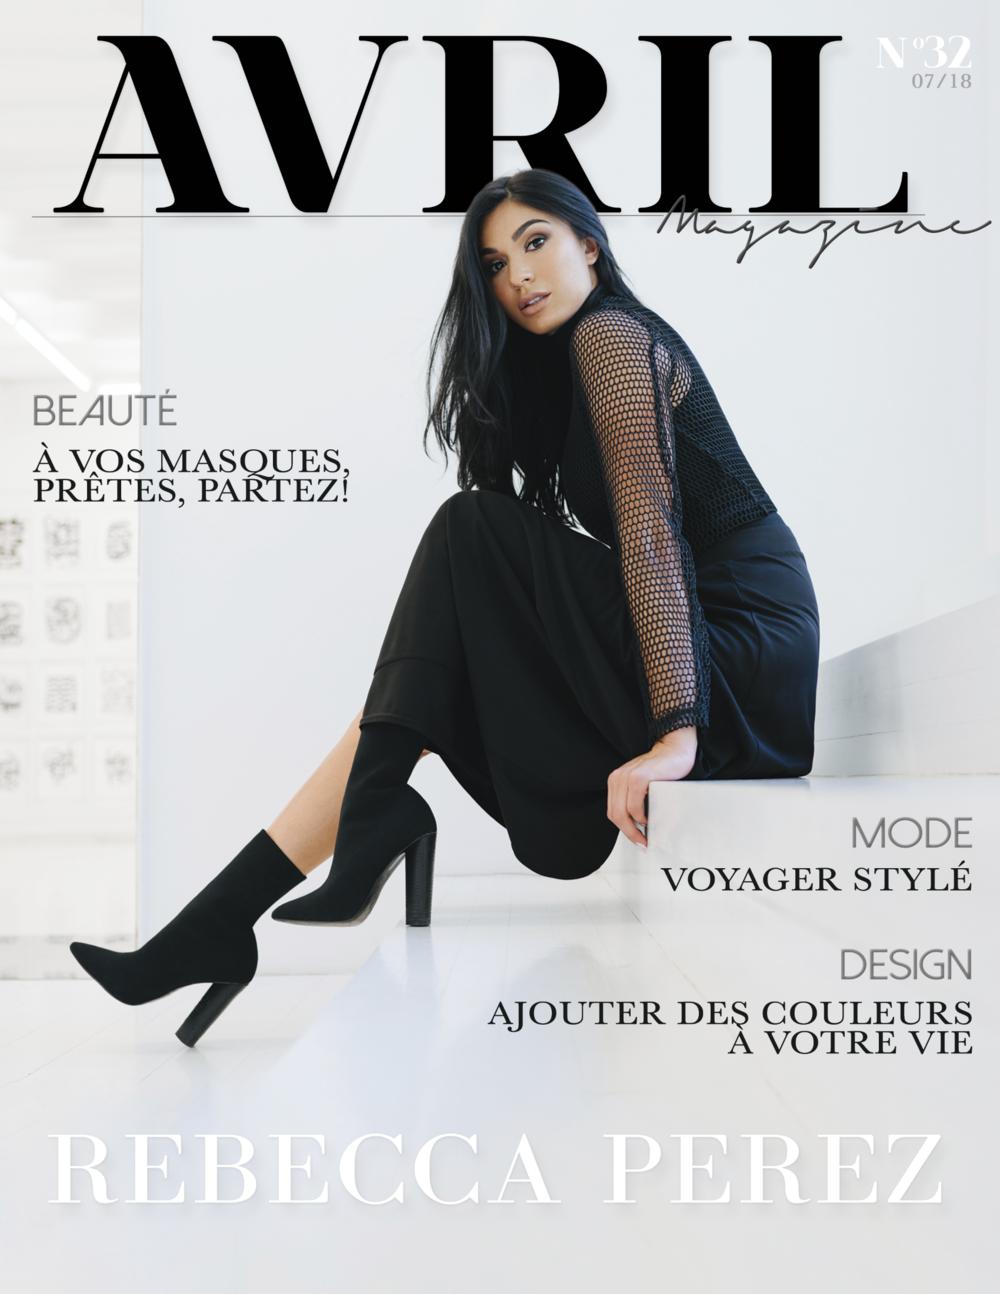 Cover-rebecca-perez-juillet-2018-avril-magazine.jpg